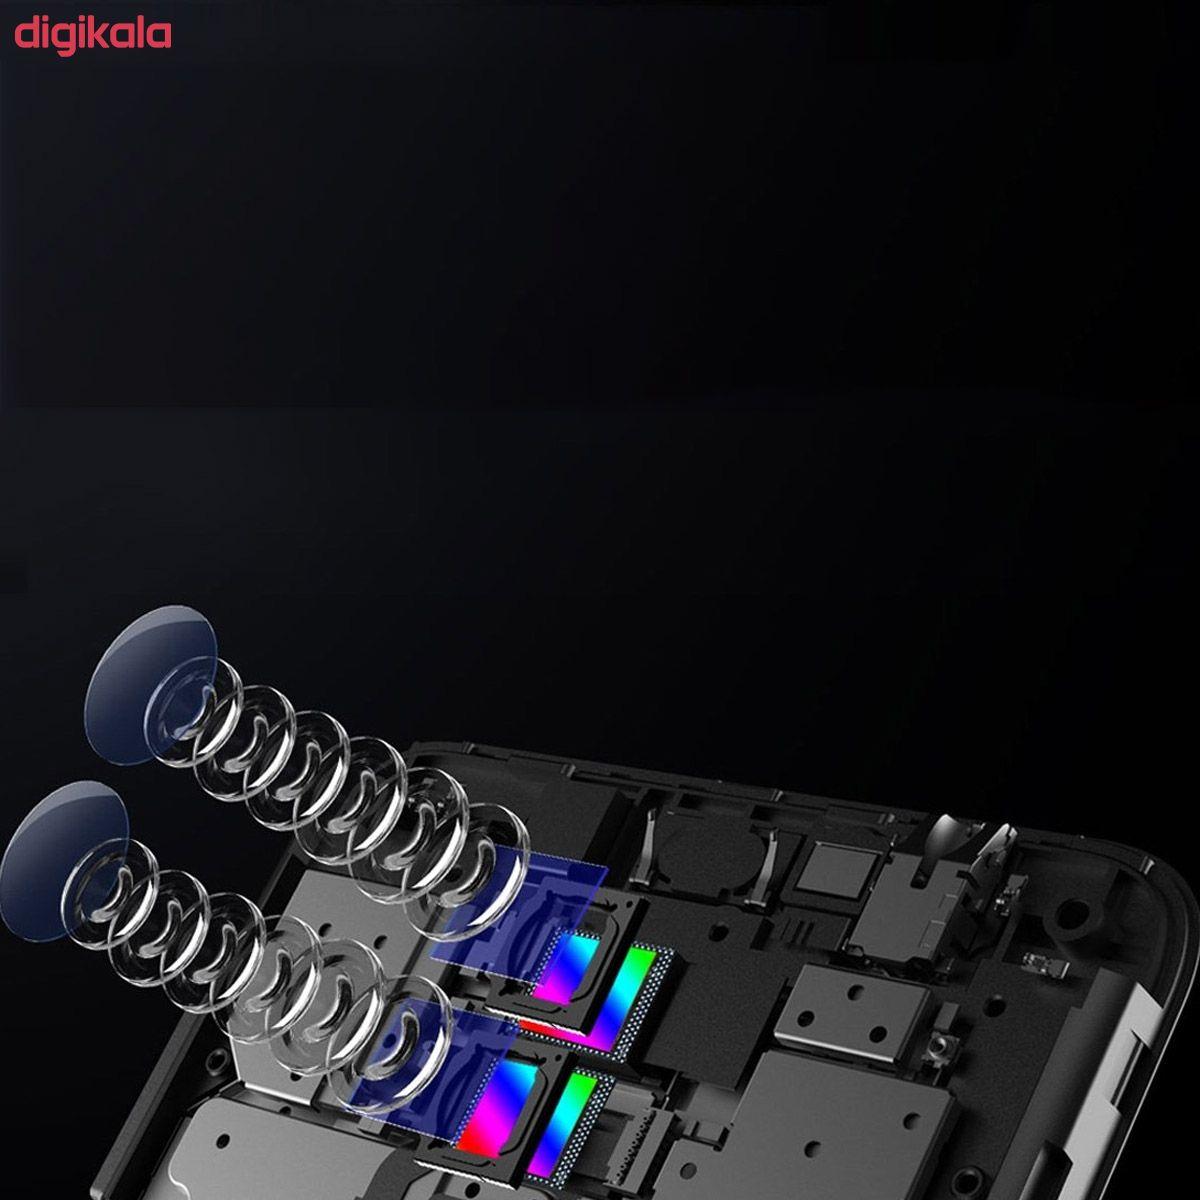 گوشی موبایل لیگو مدل T8s دو سیم کارت ظرفیت 32 گیگابایت main 1 4